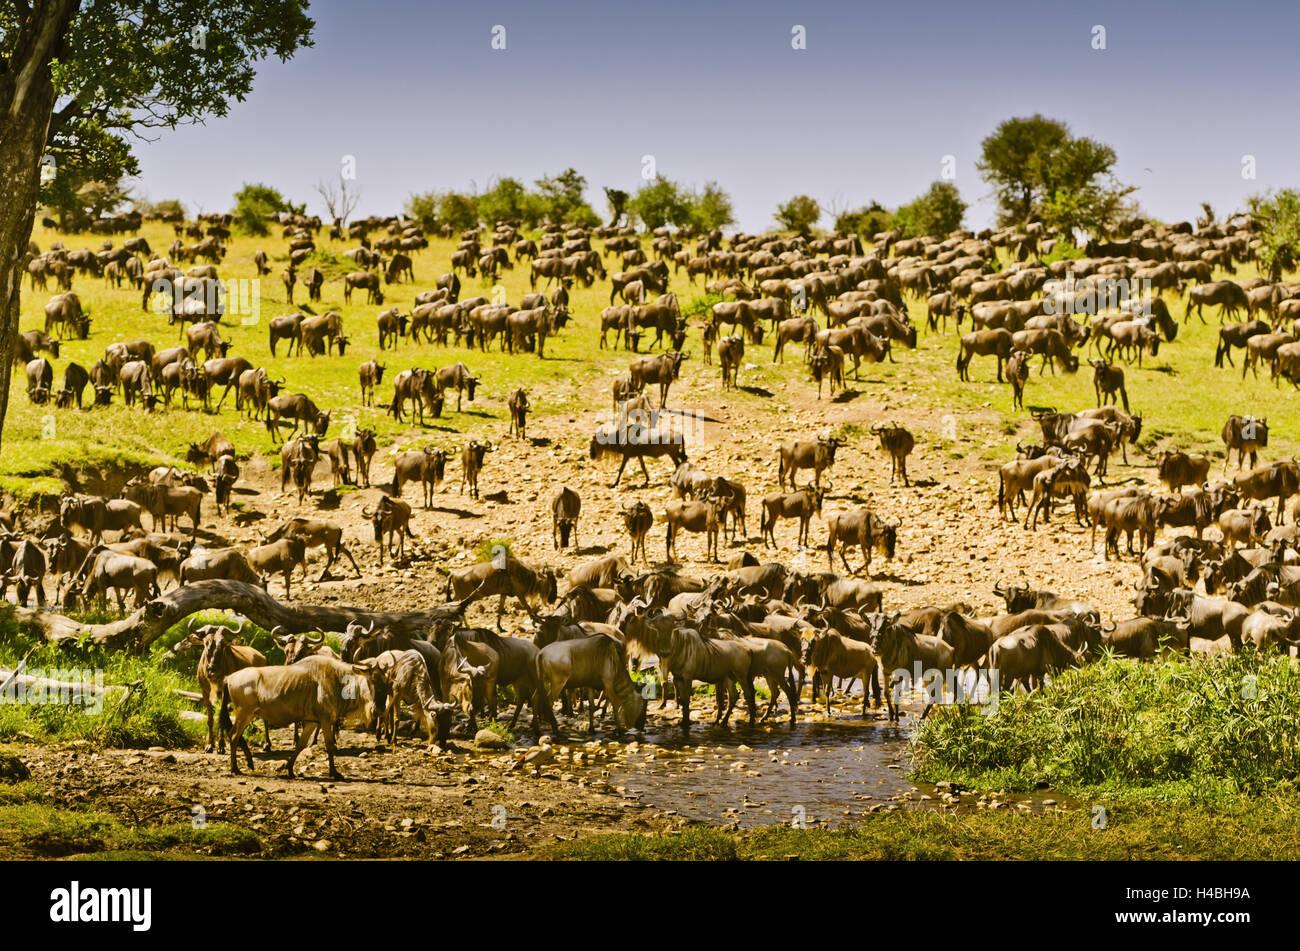 L'Afrique, Afrique de l'Est, la Tanzanie, le Serengeti, la faune, les gnous, Photo Stock